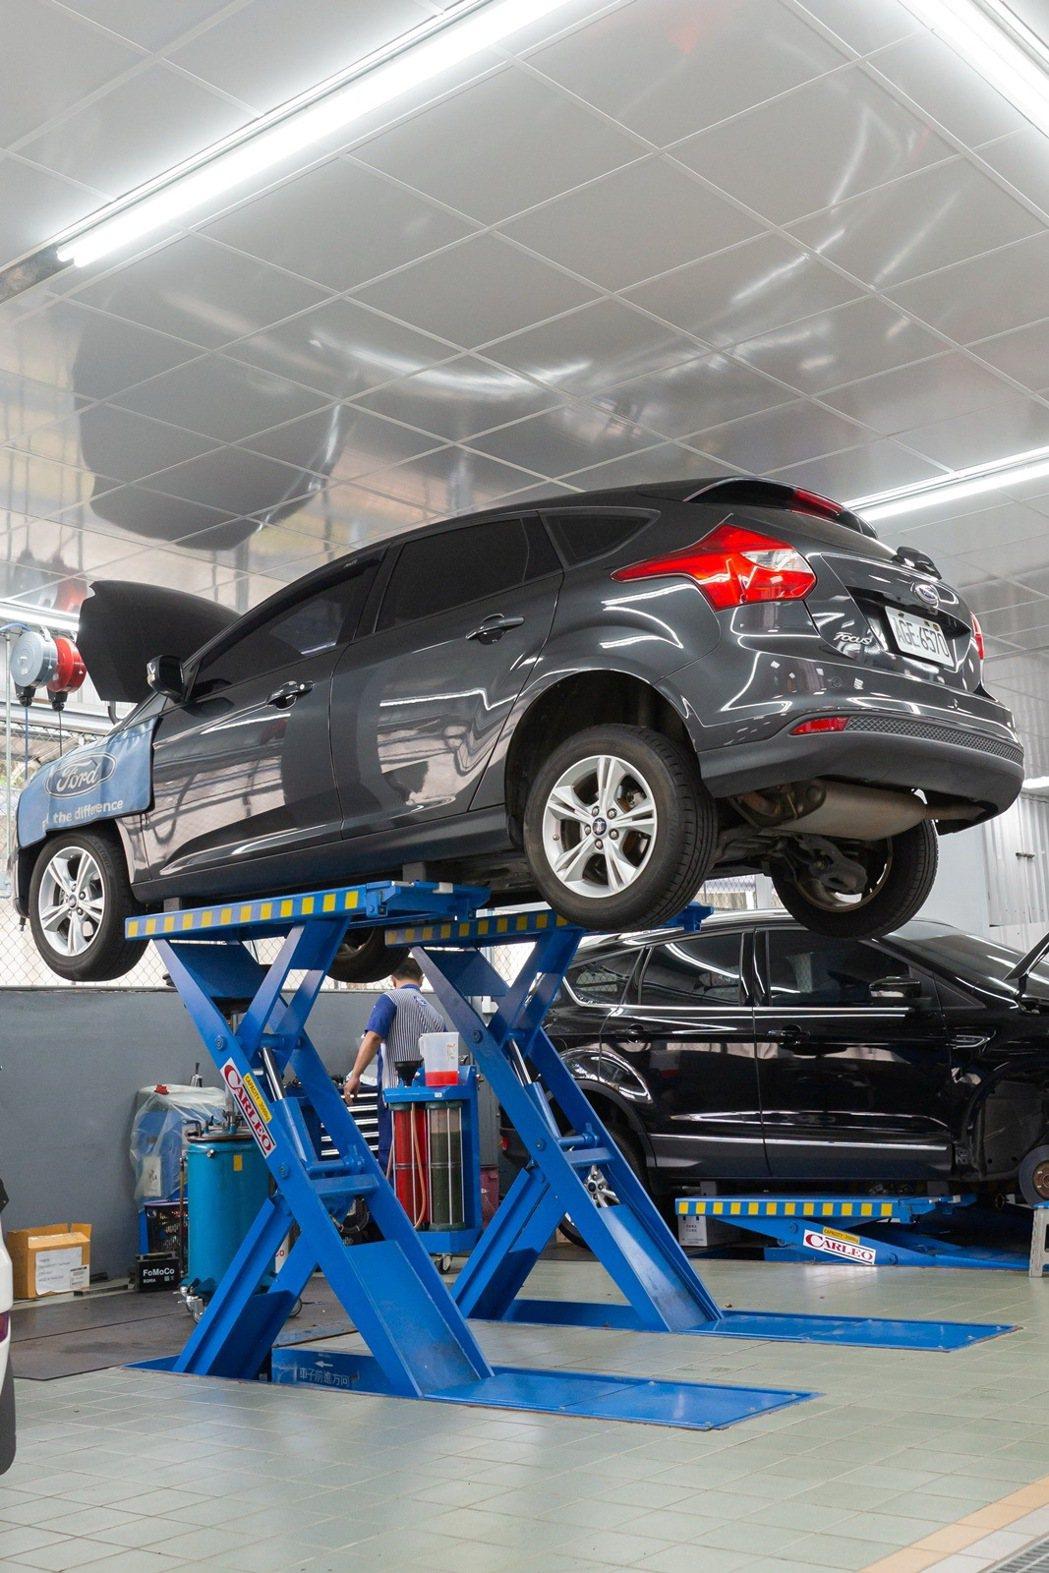 福特中太汽車塔悠服務廠採用全新的頂高機與維修設備、透亮的採光照明與通風設計,提供...